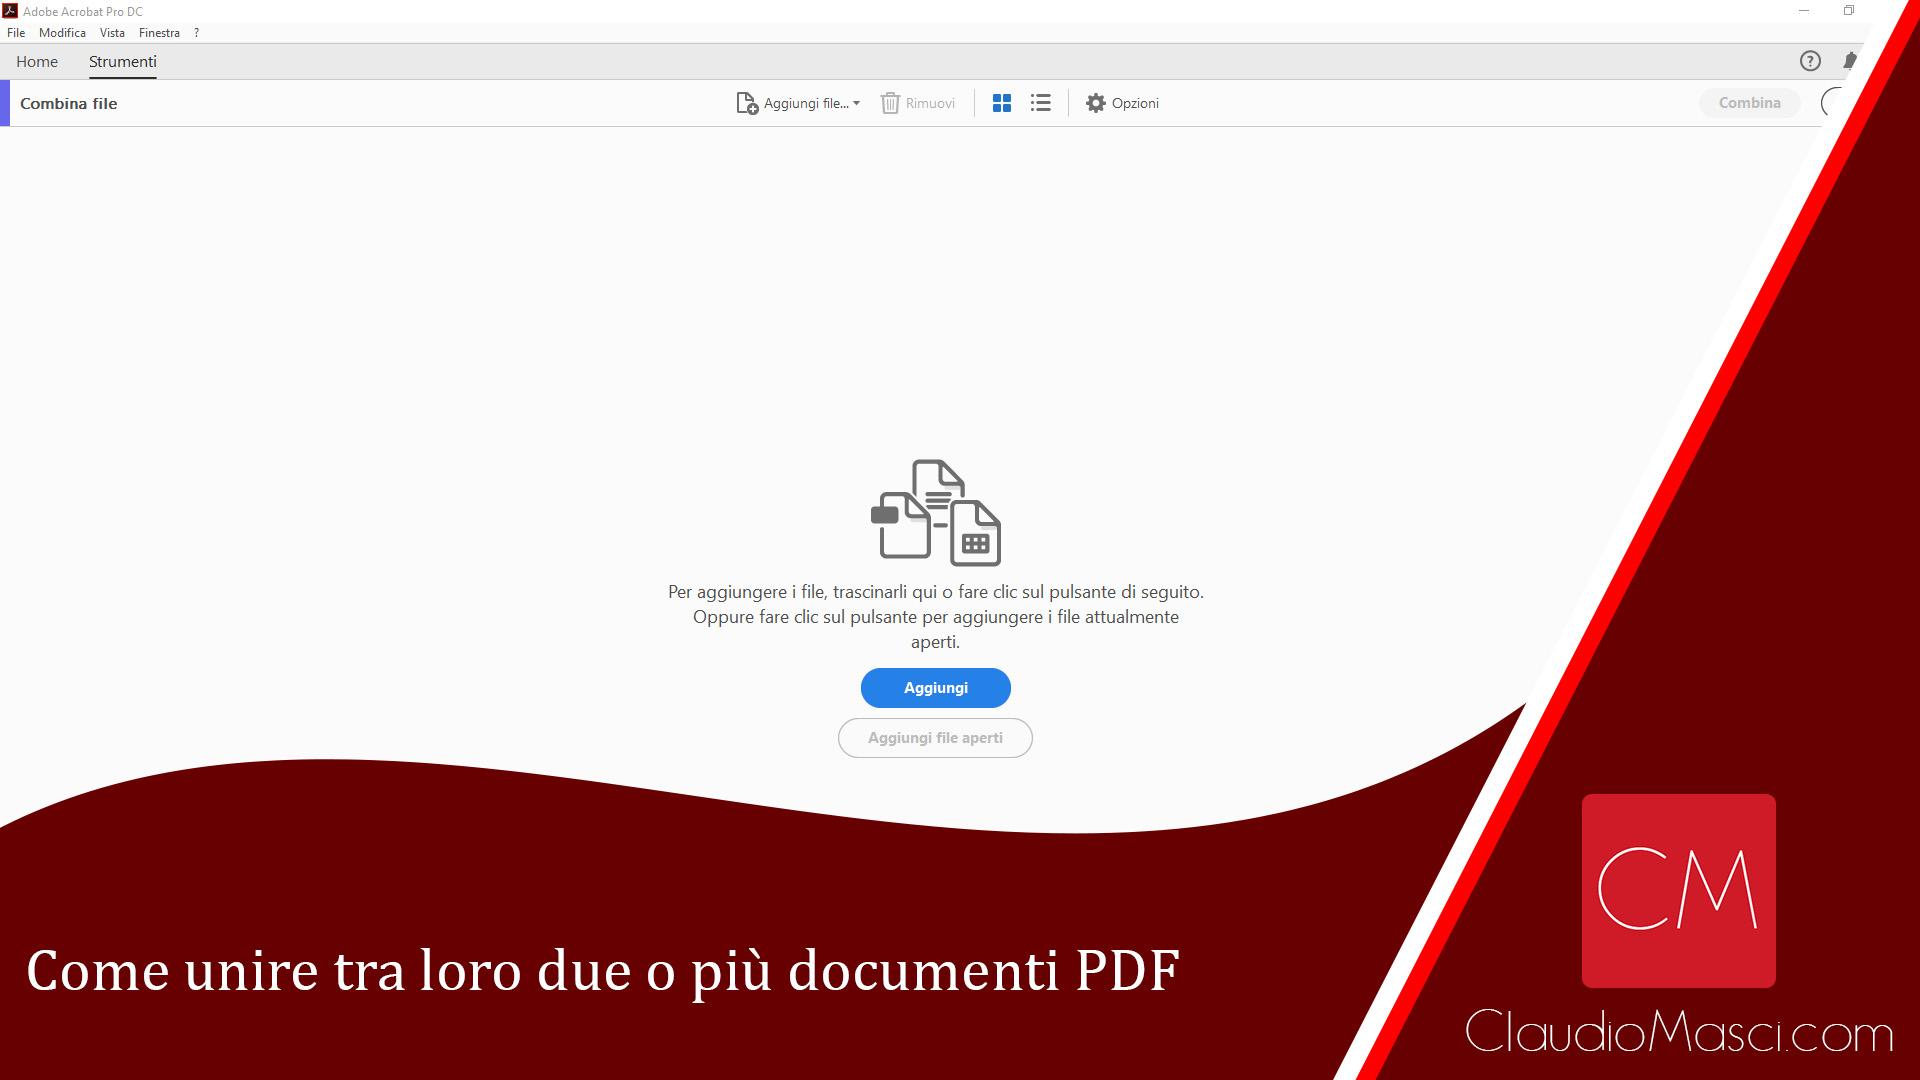 Come unire tra loro due o più documenti PDF